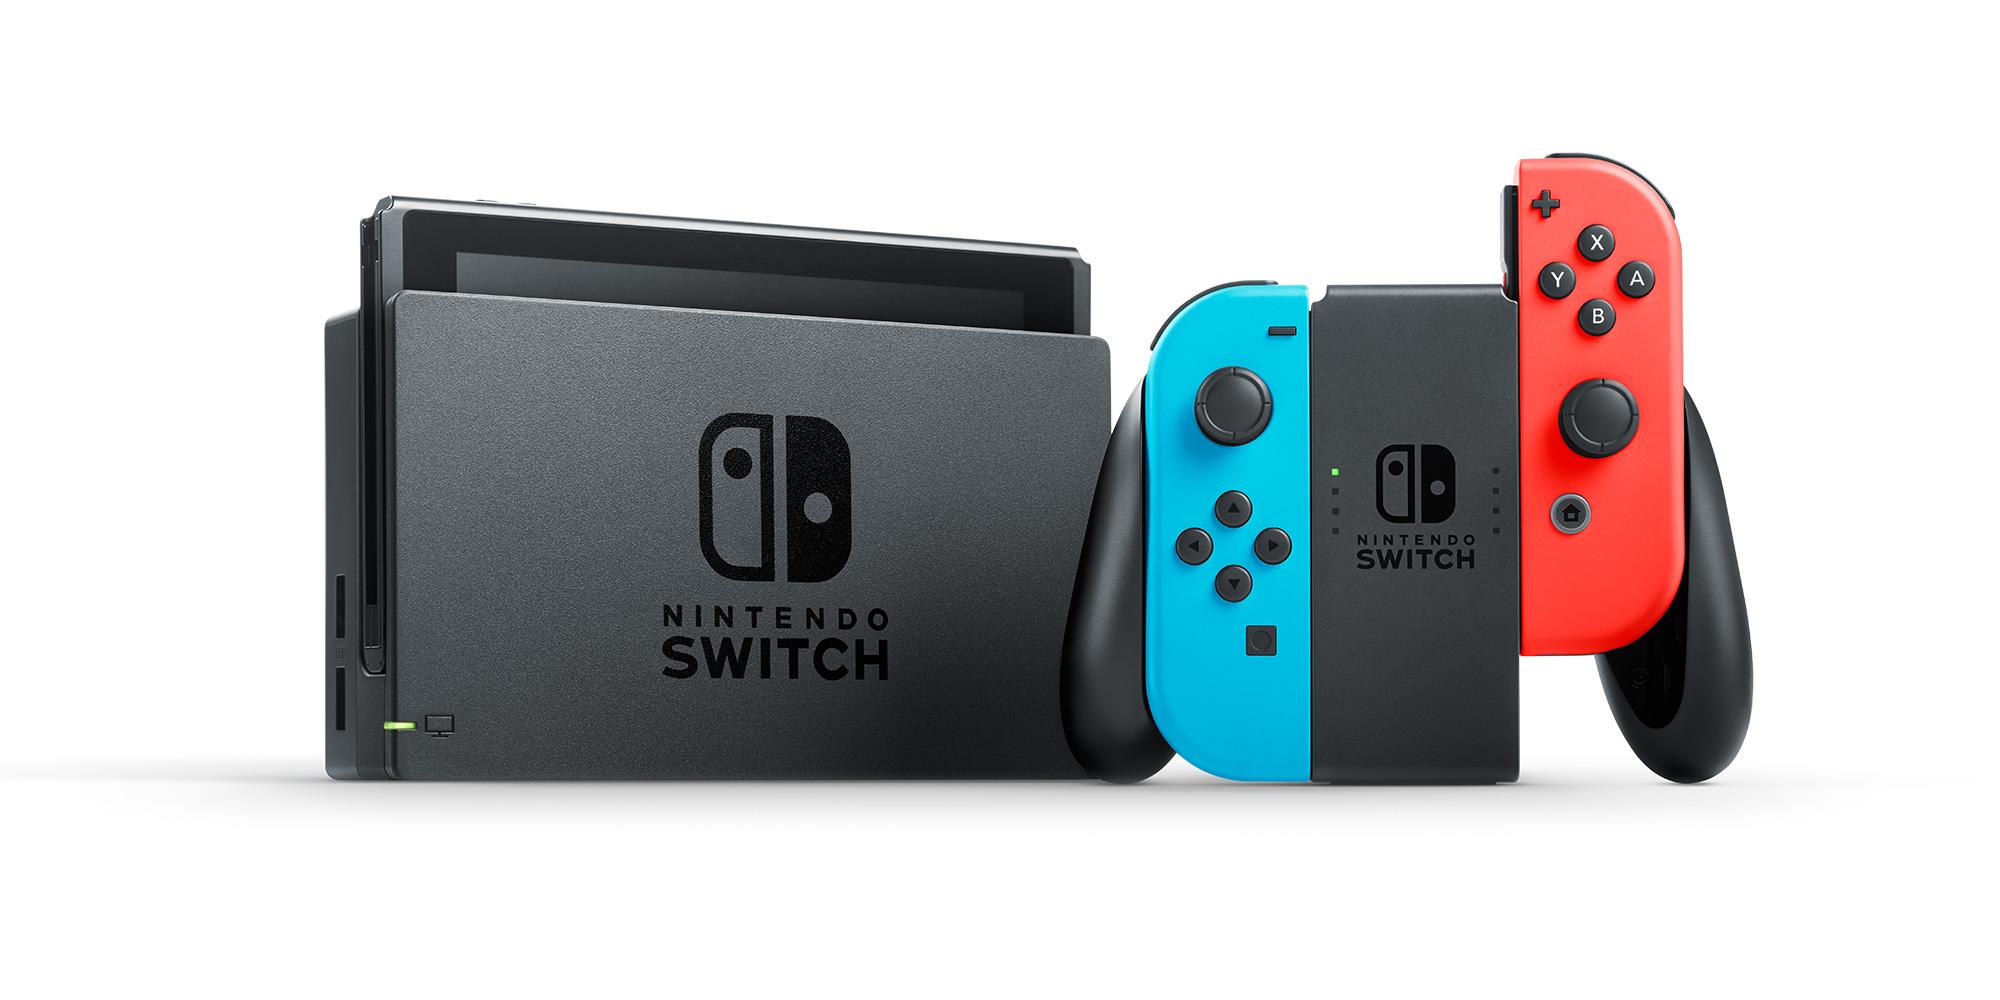 Comment Enregistrer Un Code De Telechargement Pour Nintendo Switch Dans Le EShop